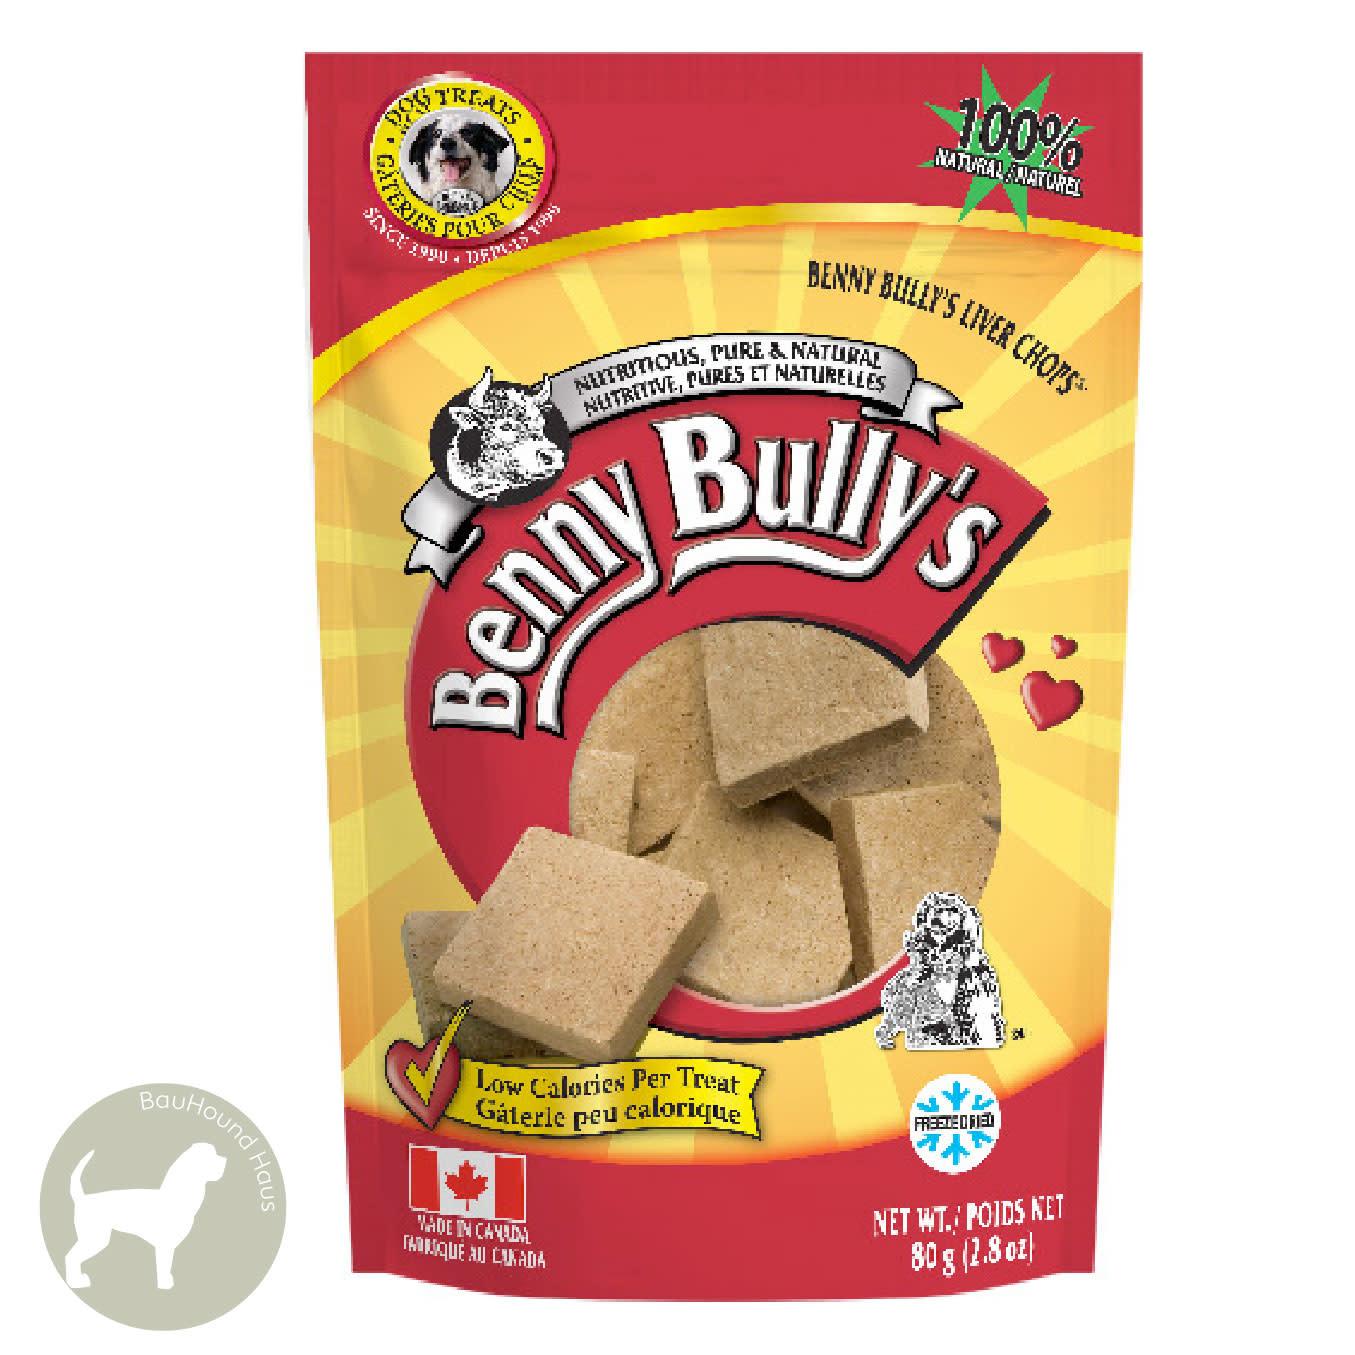 Benny Bully's Benny Bully's Beef Liver Treats, 500g